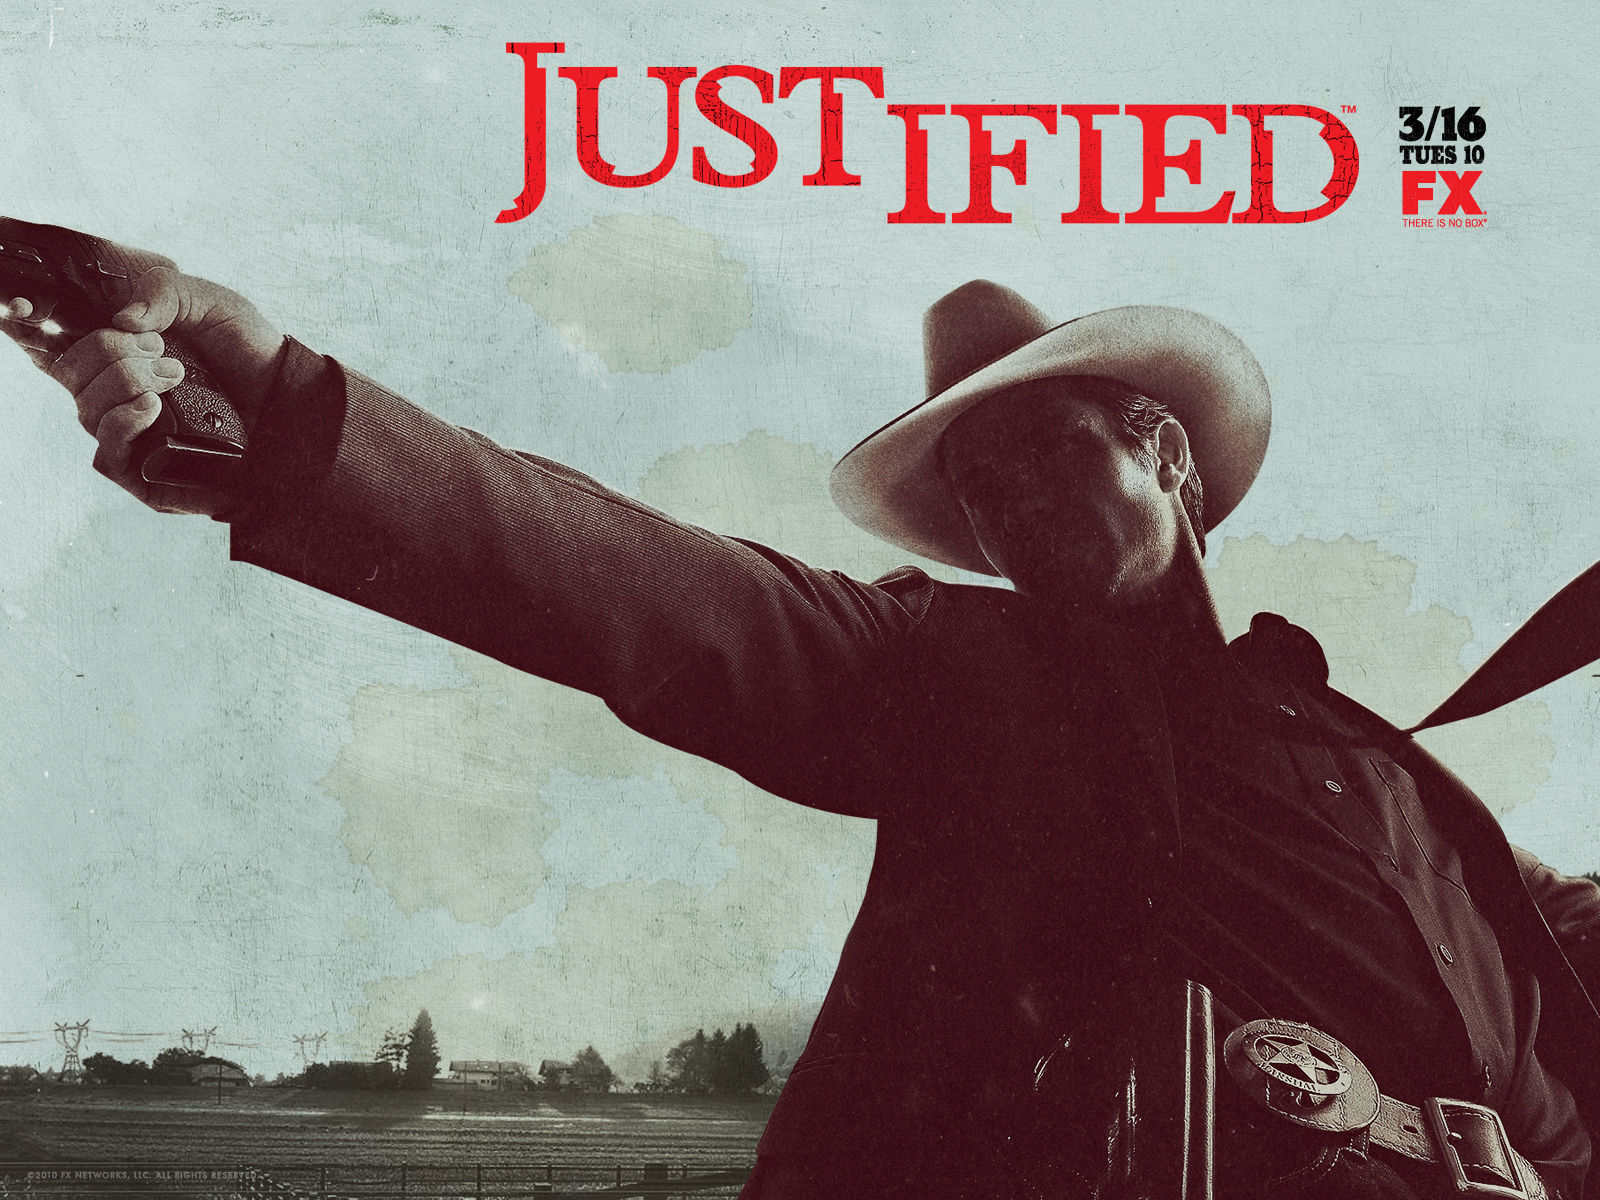 Serie Justified: la ley de Raylan